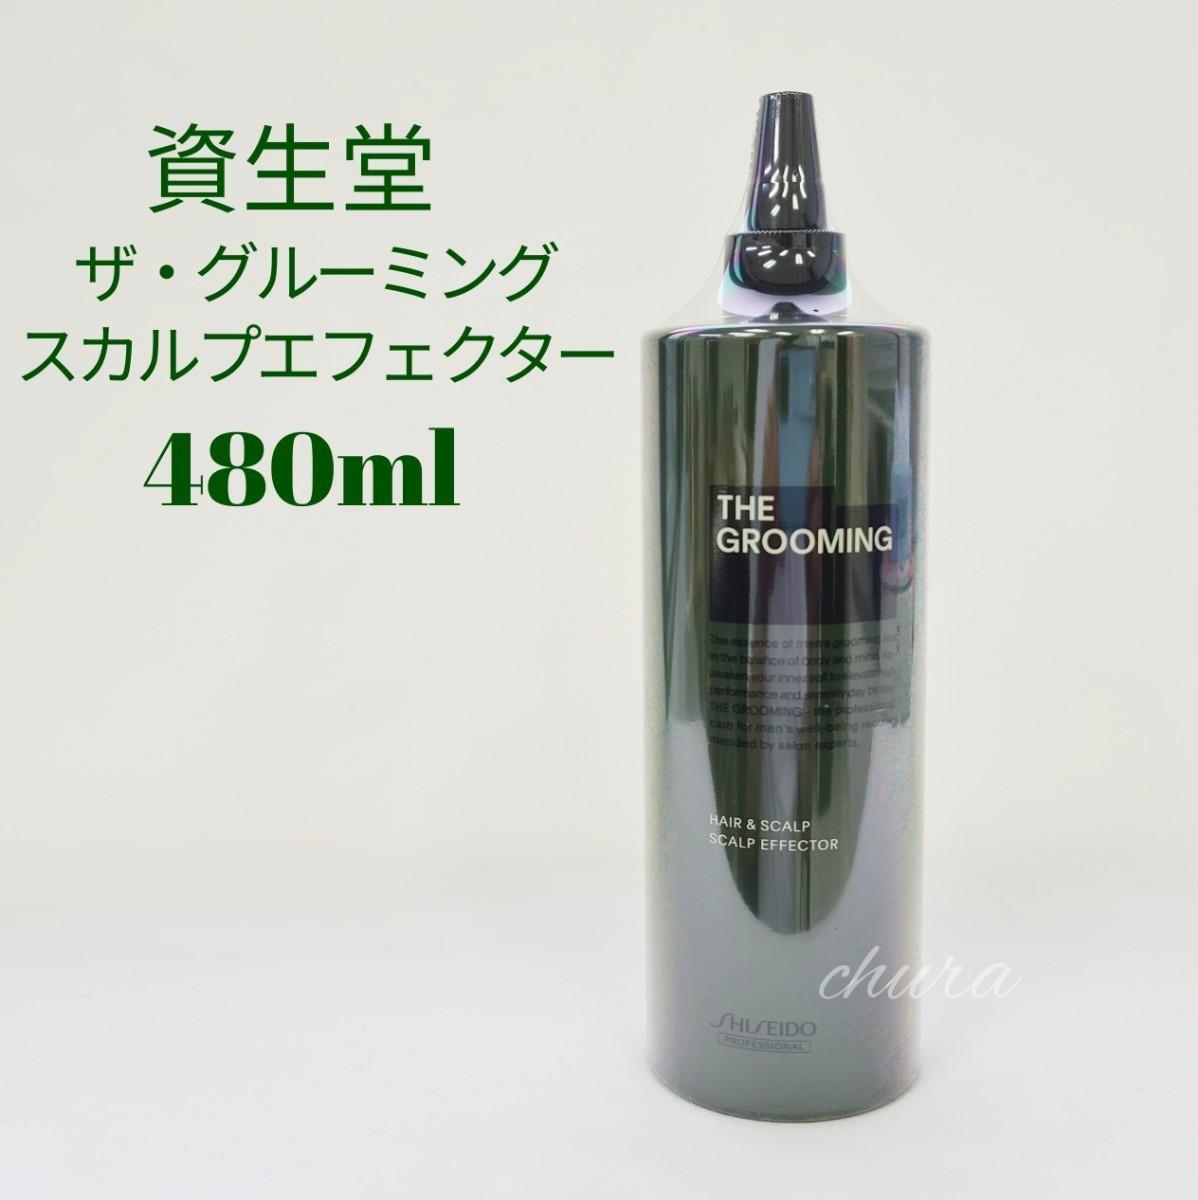 【資生堂】ザ・グルーミング  スカルプエフェクター480ml詰め替え用